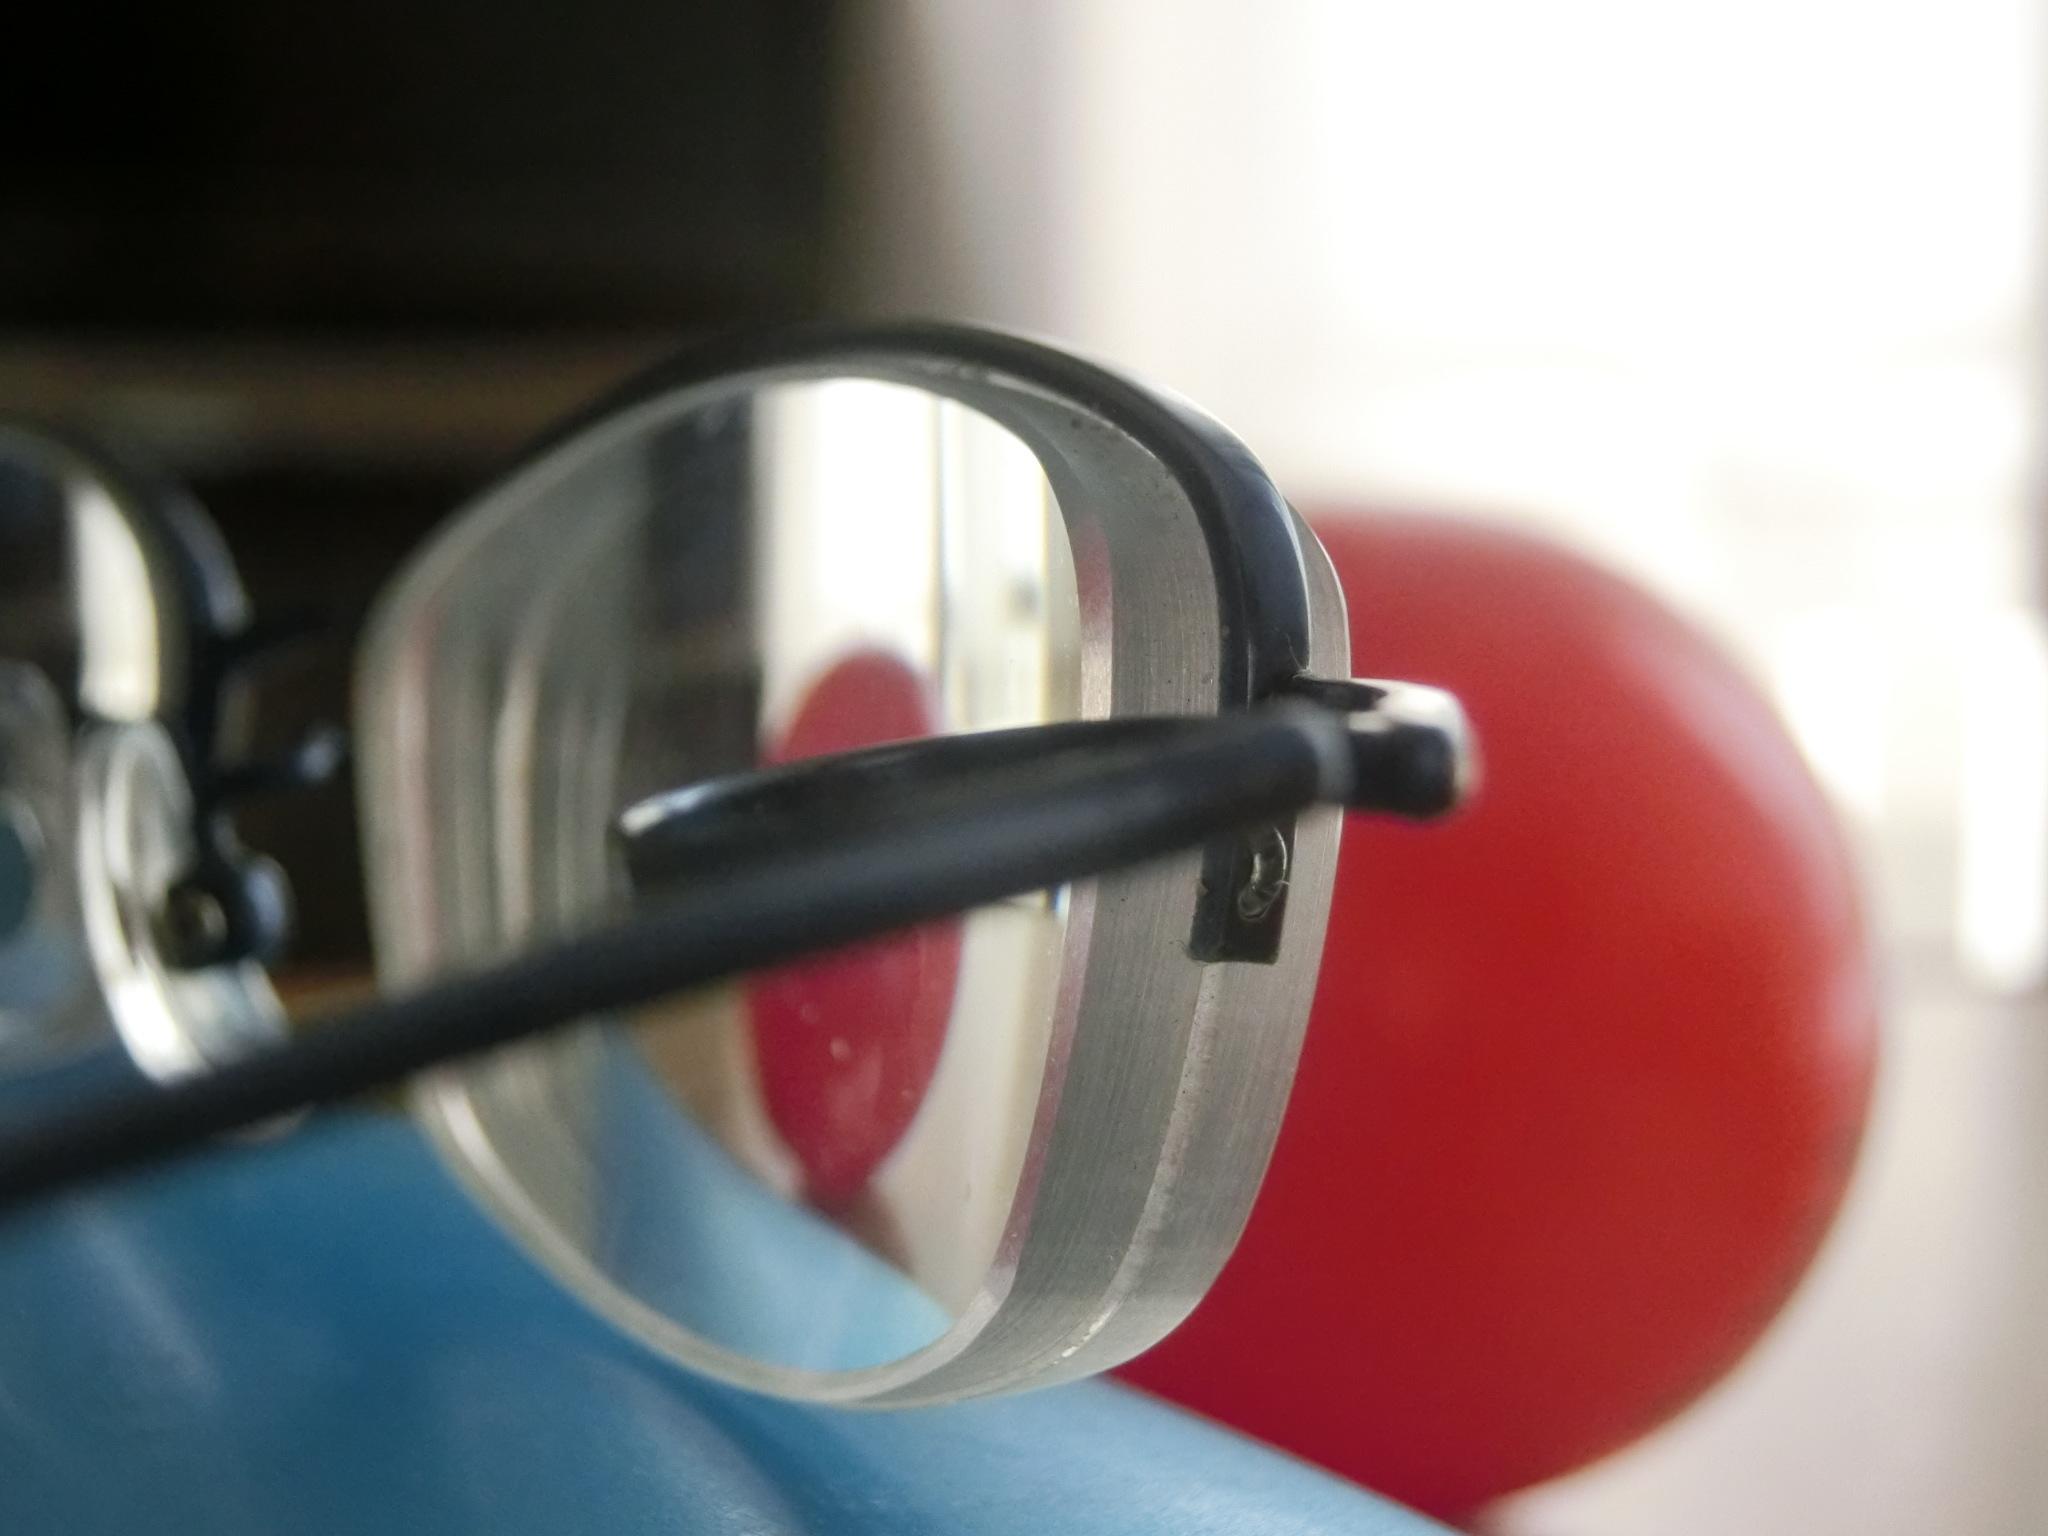 -10_25D眼鏡下縁無しレンズ厚み7